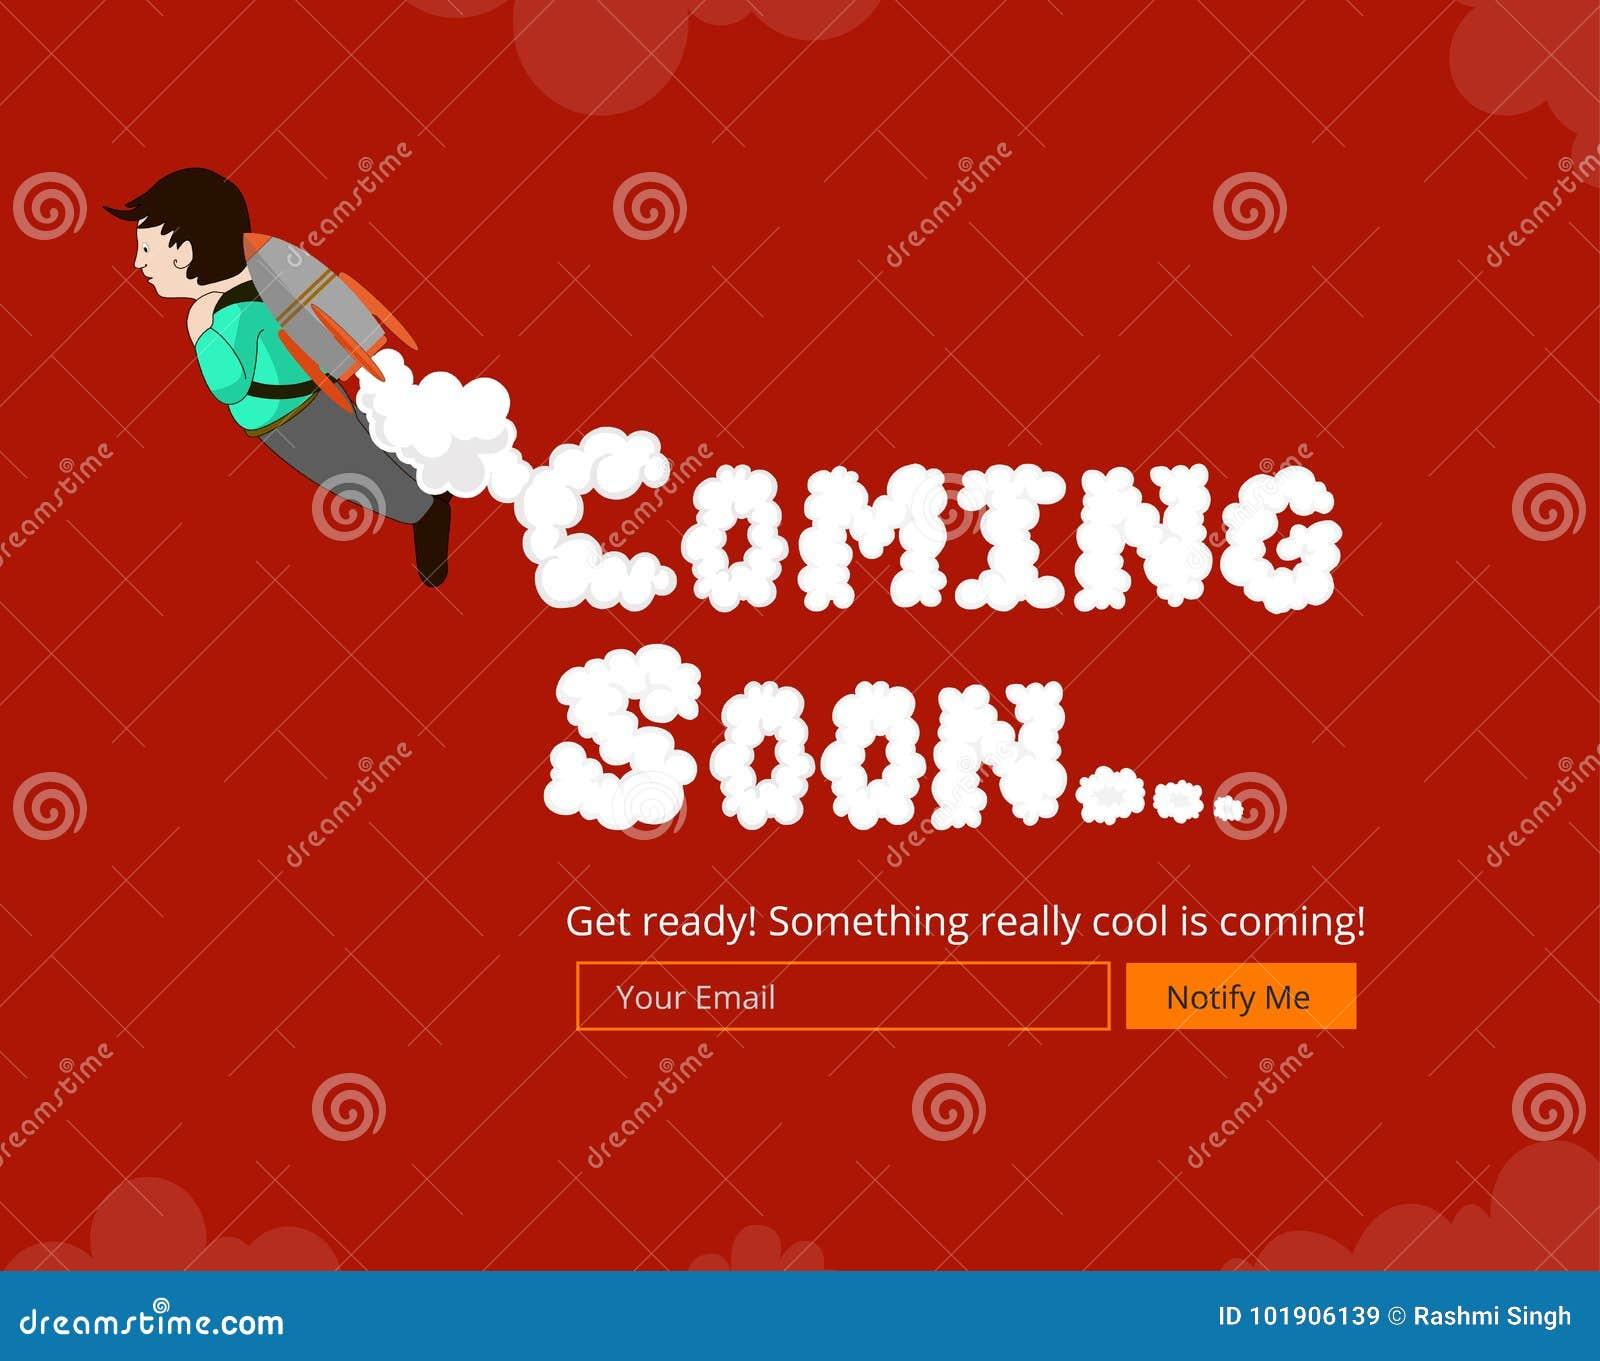 Coming soon website template stock vector illustration of landing coming soon website template maxwellsz